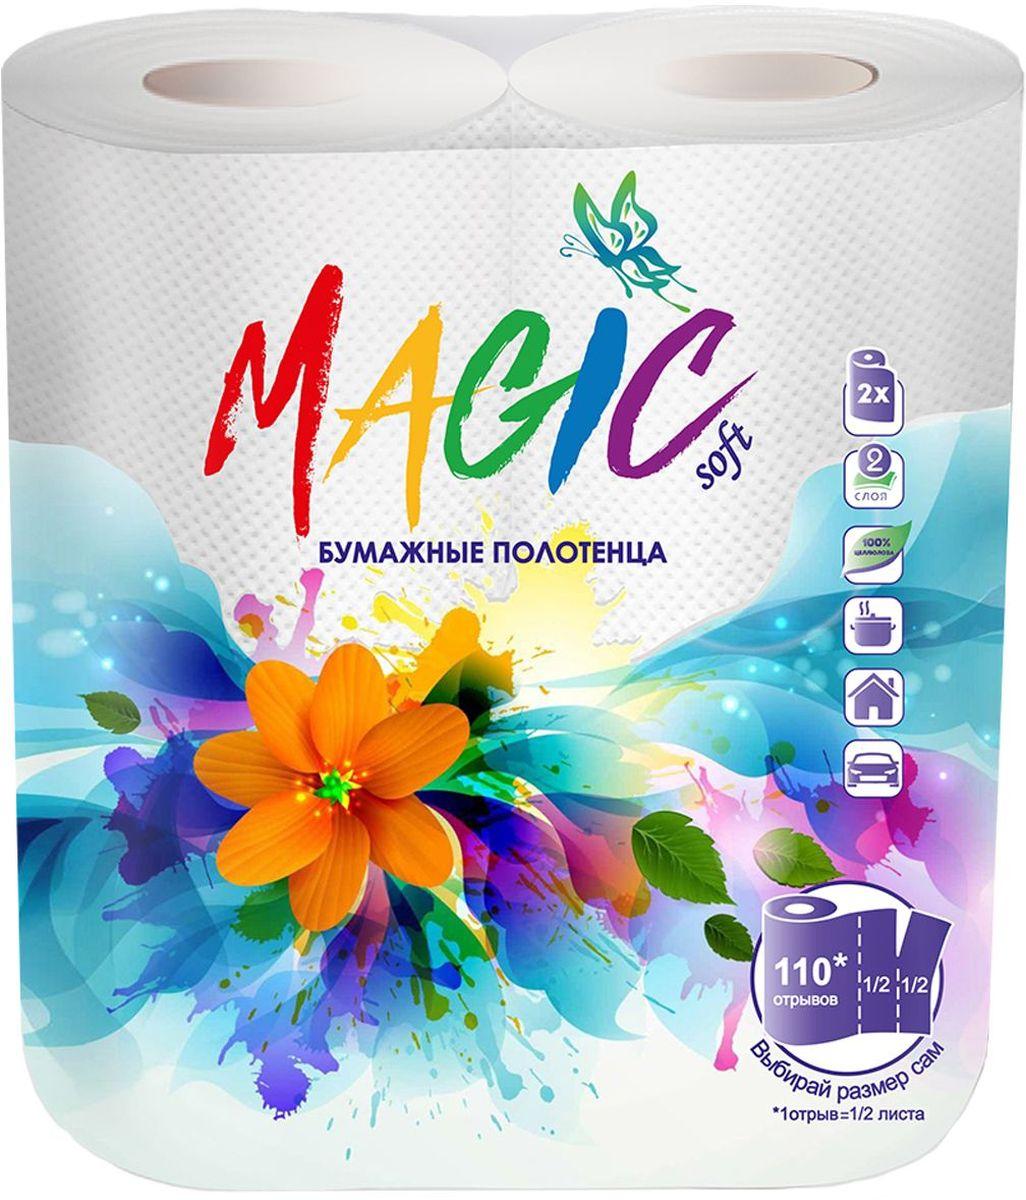 Бумажные полотенца Magic Soft, 2 шт20119Для бытового и санитарно-гигиенического назначения. Одноразового использования.